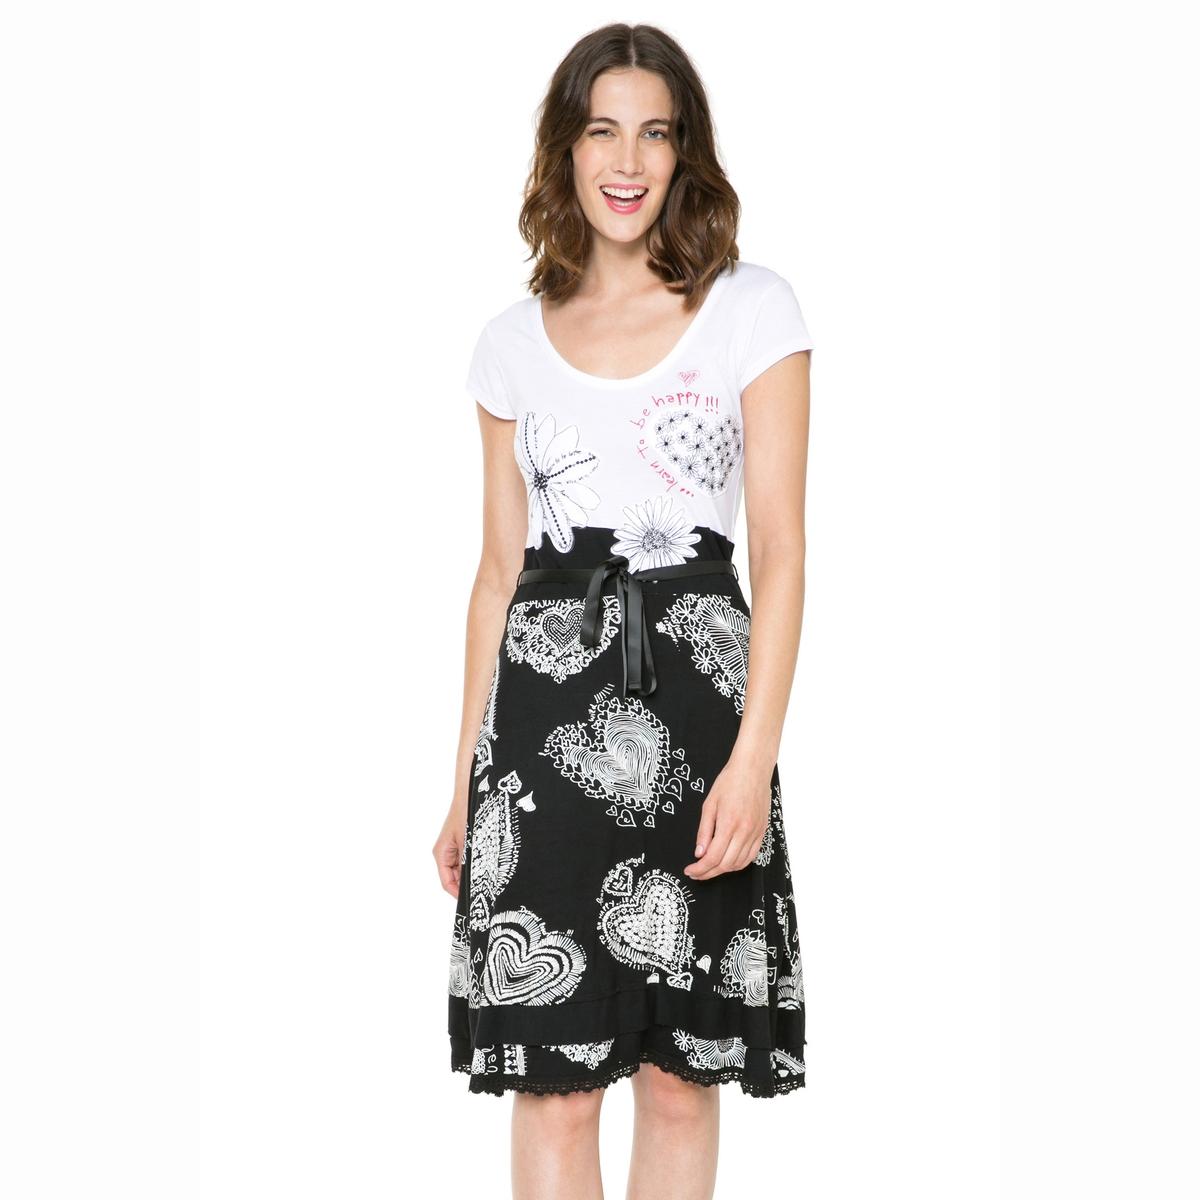 Платье с короткими рукавами, на поясе, двухцветное DESIGUAL, Vest Roxana платье с короткими рукавами на поясе двухцветное desigual vest roxana